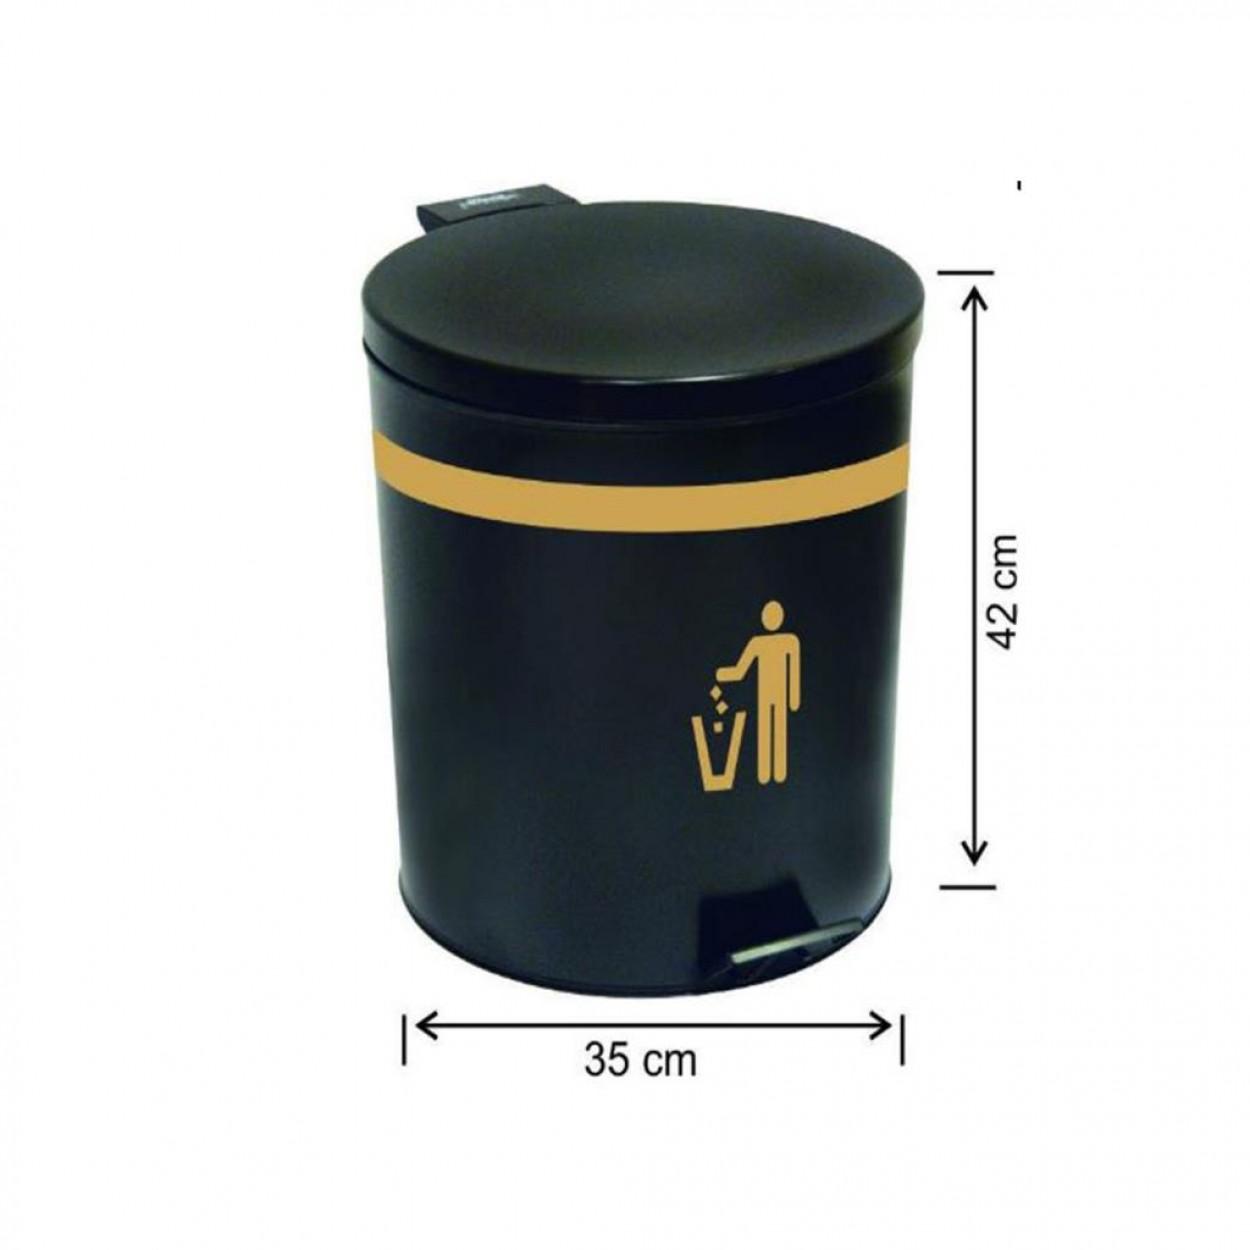 Pedallı Çöp Kovası Siyah Mat Su Sızdırmaz İç Kovalı 40 Litre